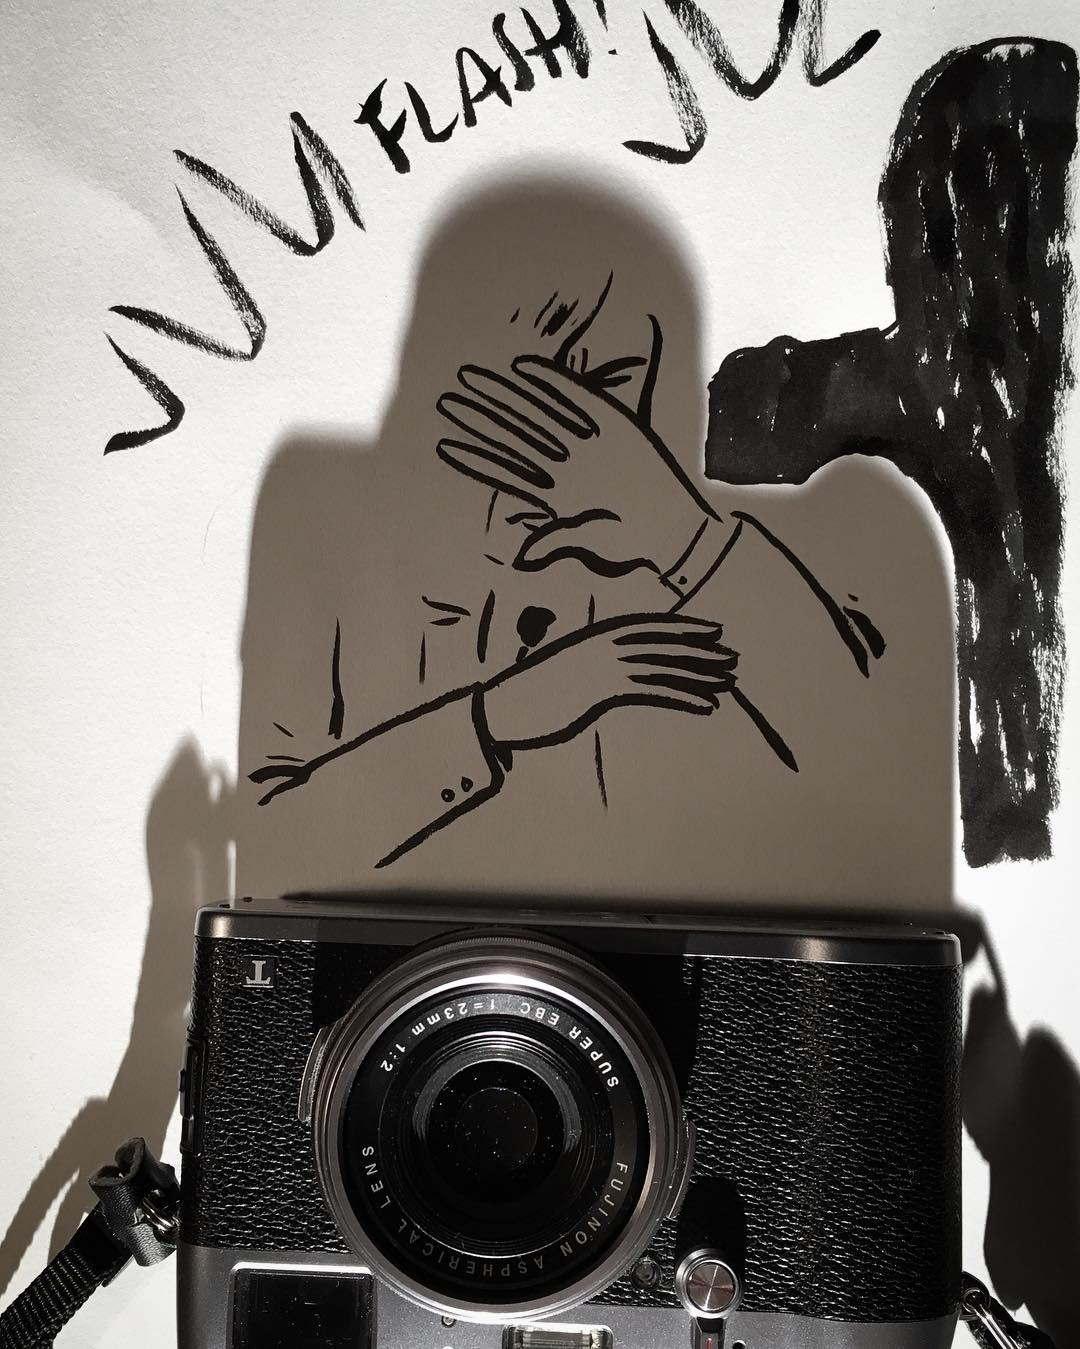 иллюстрации из теней, художник, Винсент Баль, Vincent Bal